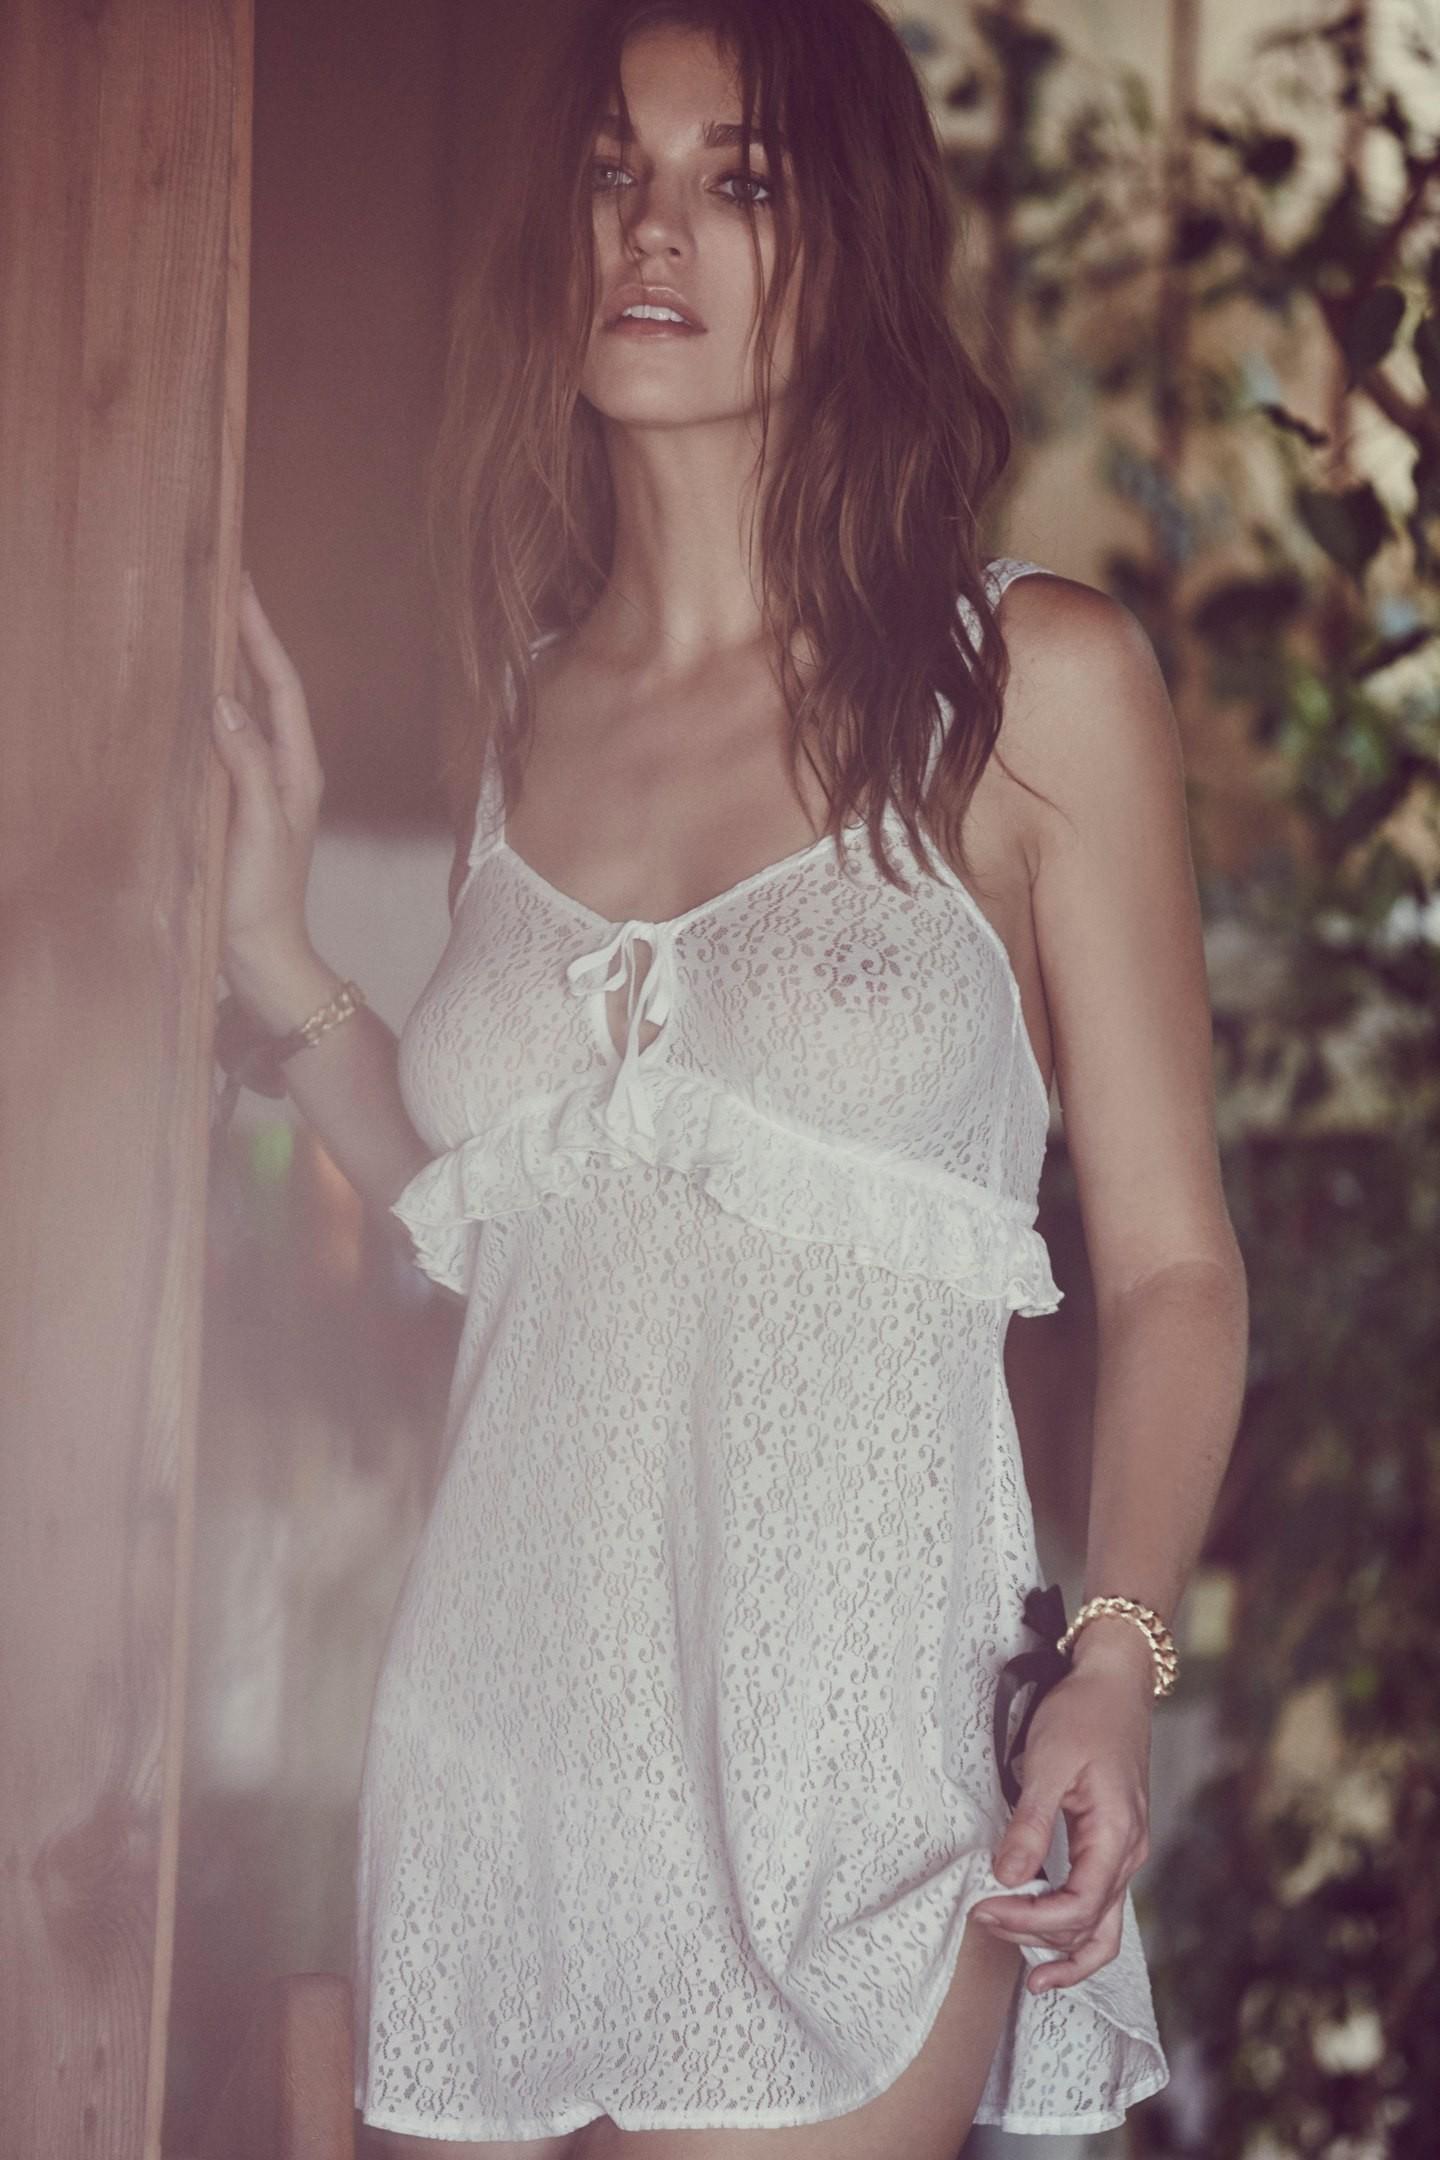 Hintergrundbilder : Weiß, Frau, Modell-, lange Haare, Fotografie ...